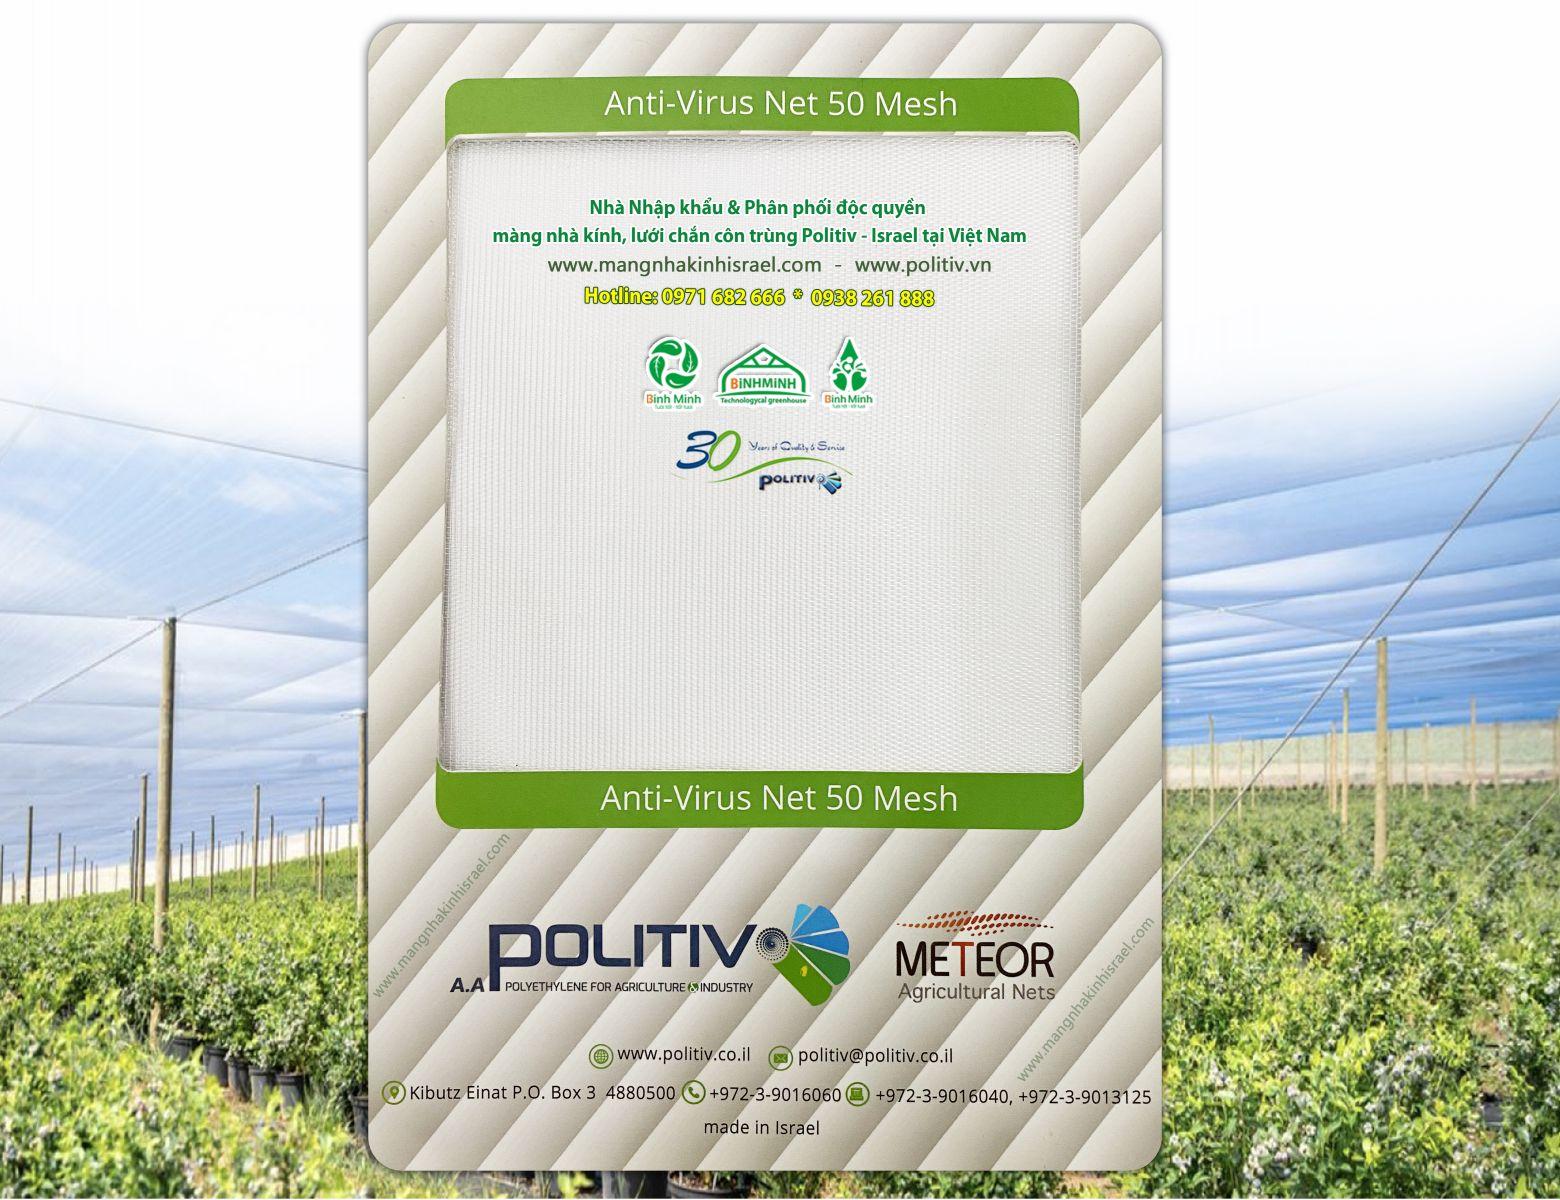 Lưới chắn côn trùng Politiv Israel 2.15m x 50m (Anti - Virus Net)